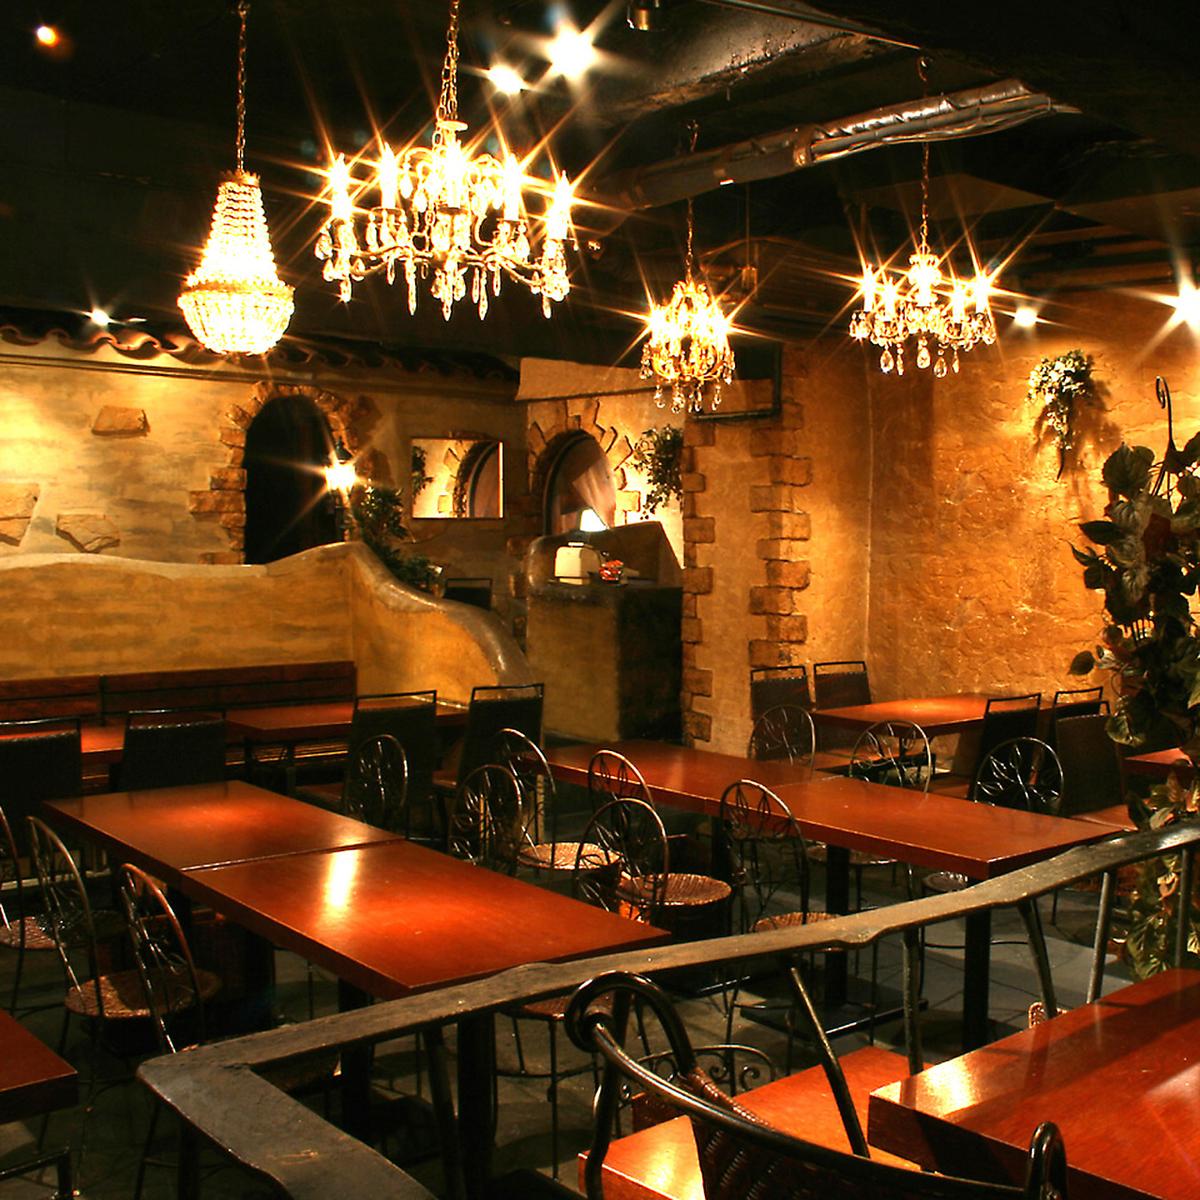 様々なテーブル席をご用意2名様~最大で12名様までのテーブル席と、組み合わせによって色々な人数名様に対応可能です。